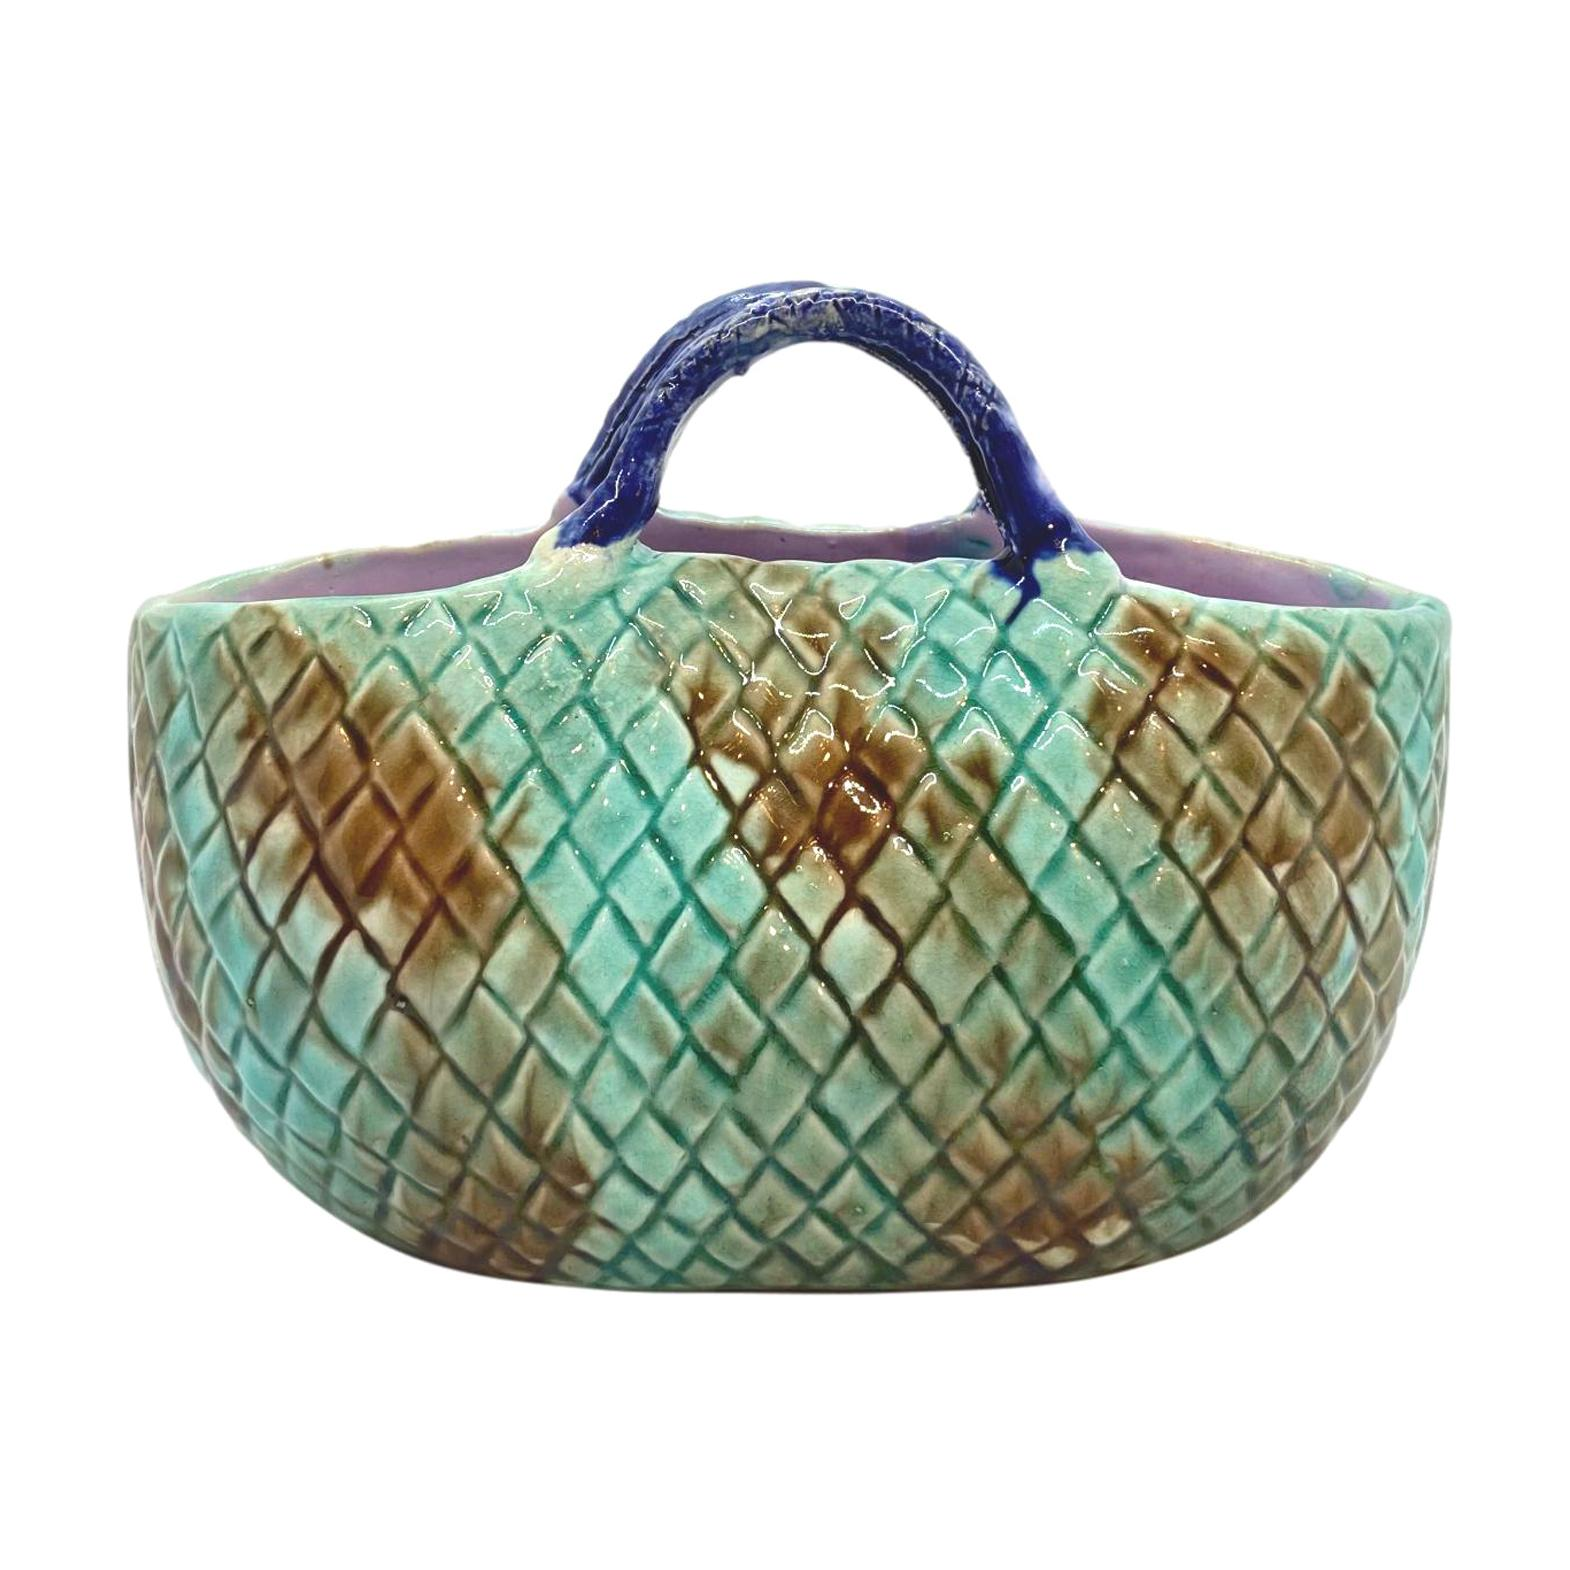 English Majolica Basket Mottled Green Cobalt Handle Lavender Interior, ca. 1875